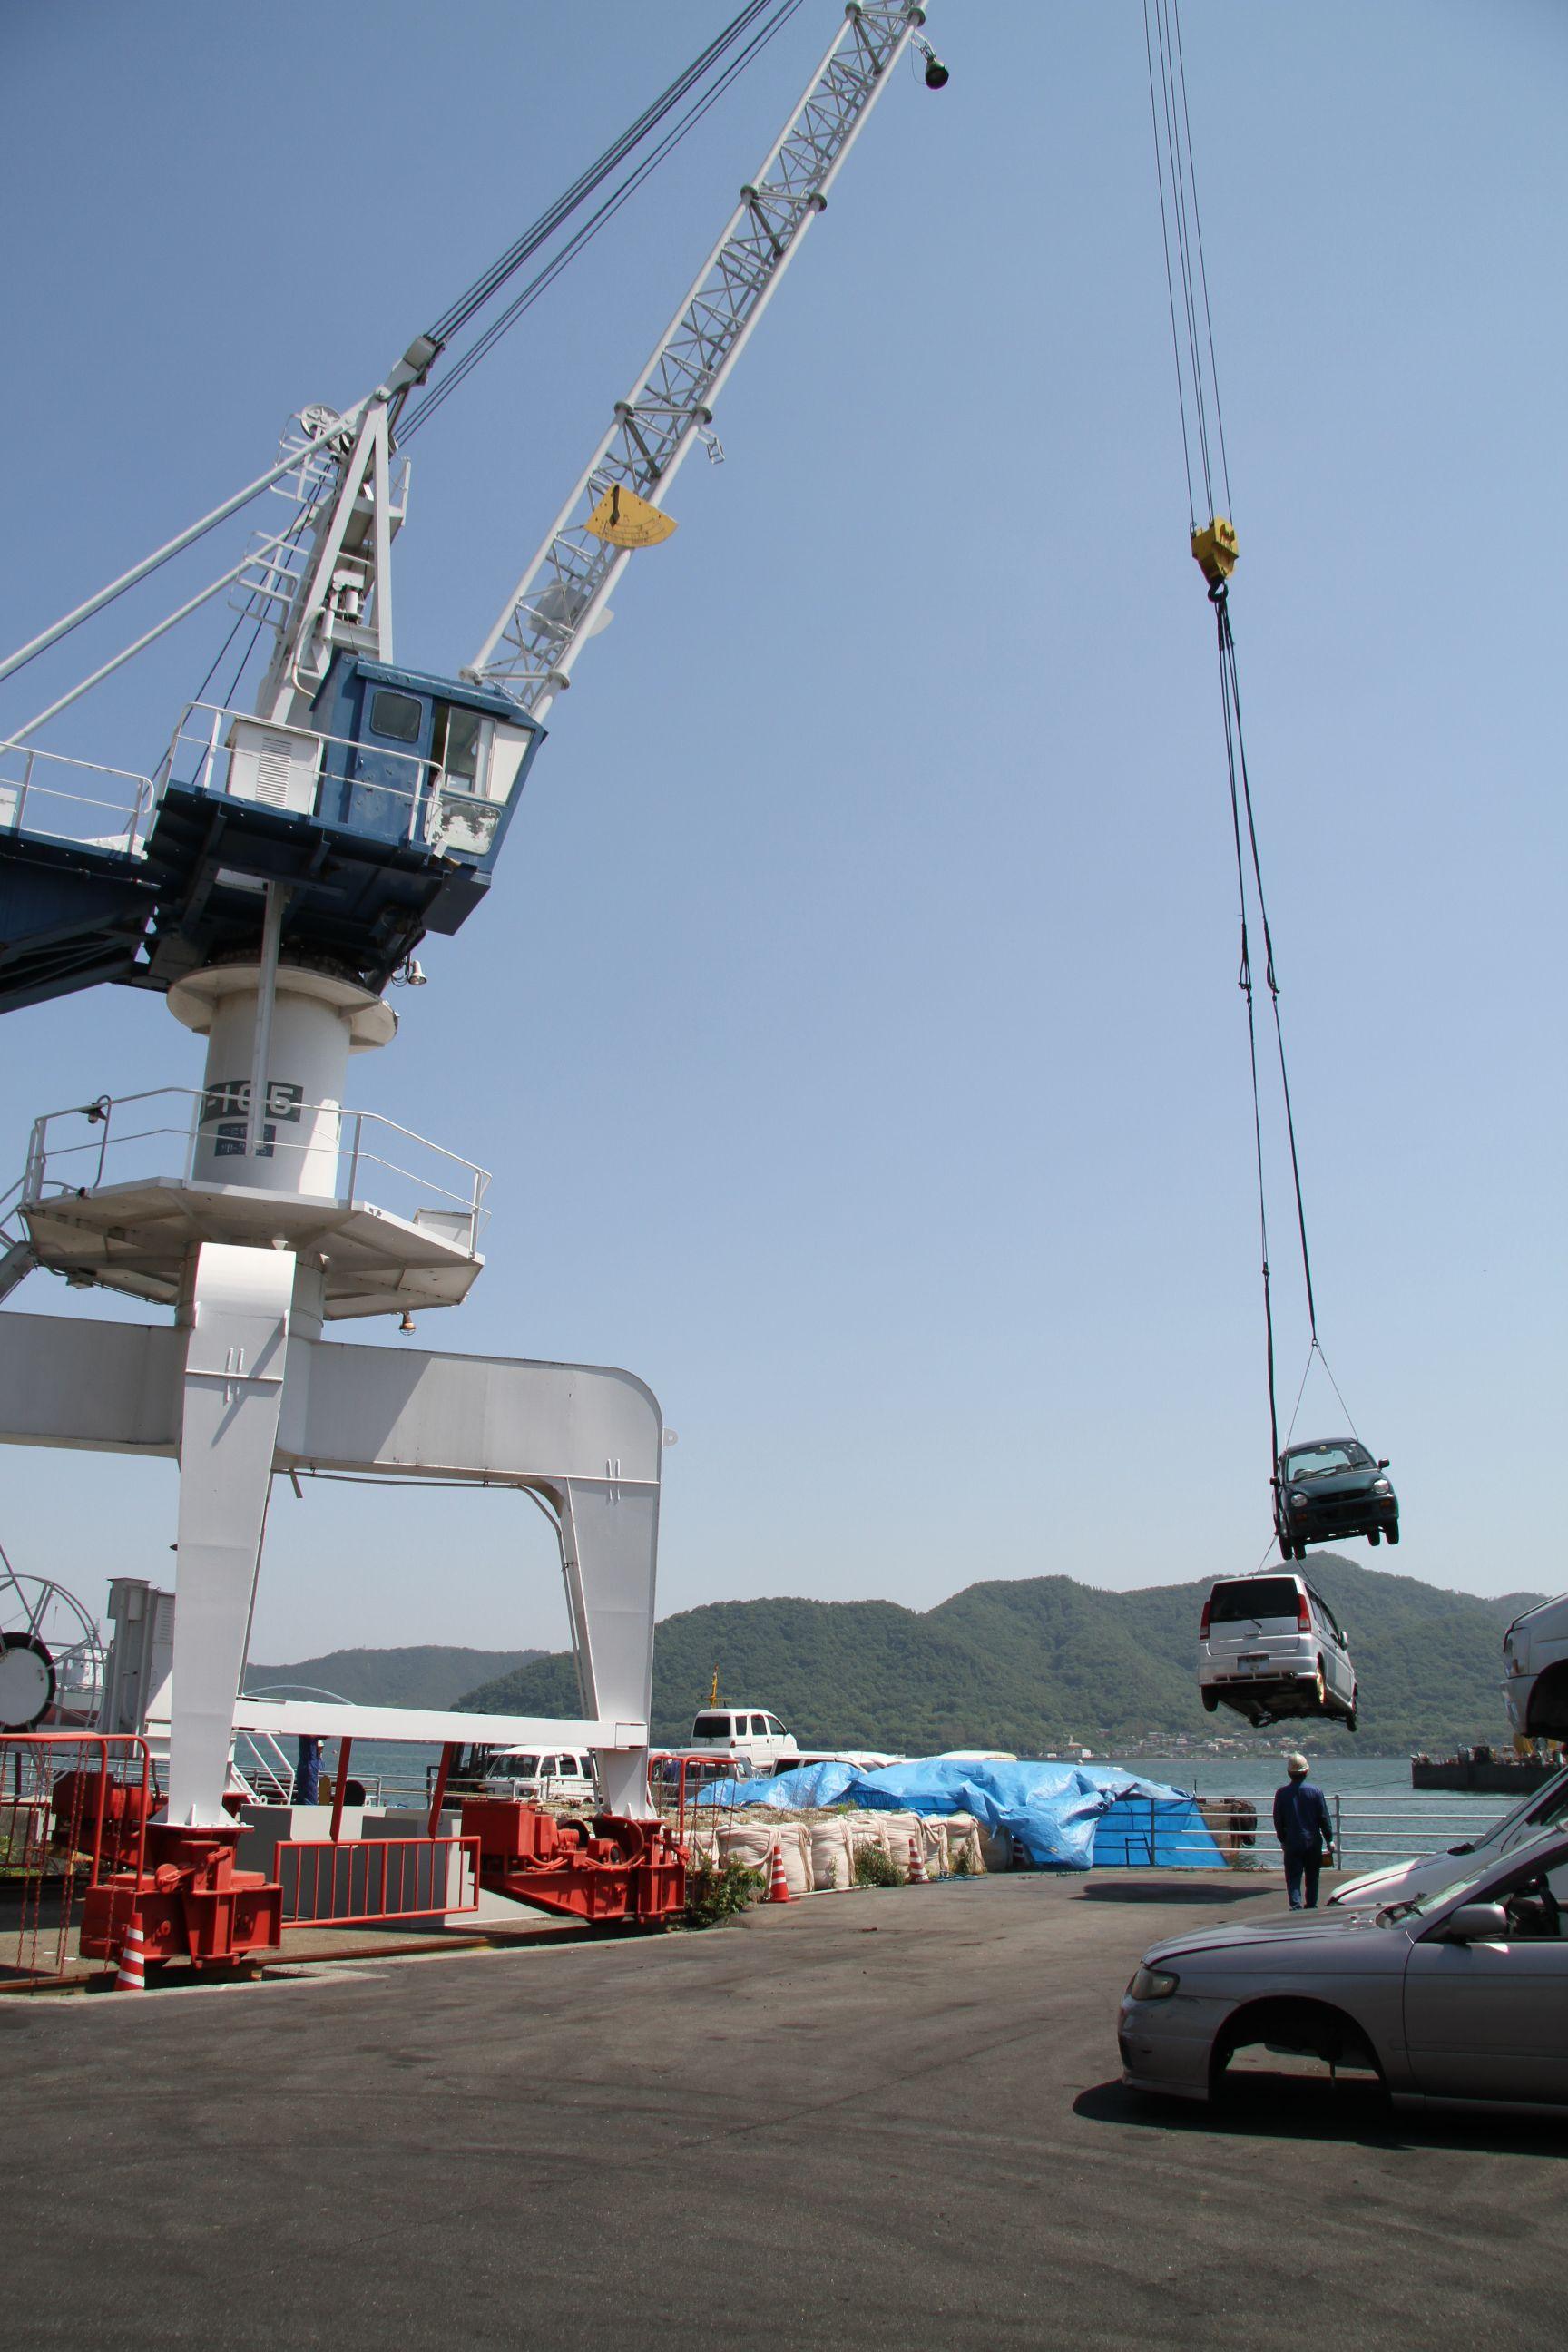 使用済み自動車回収/海上輸送で瀬戸内海の環境を守る ツネイシCバリューズの離島支援活動~今年で11回目、累計624台に